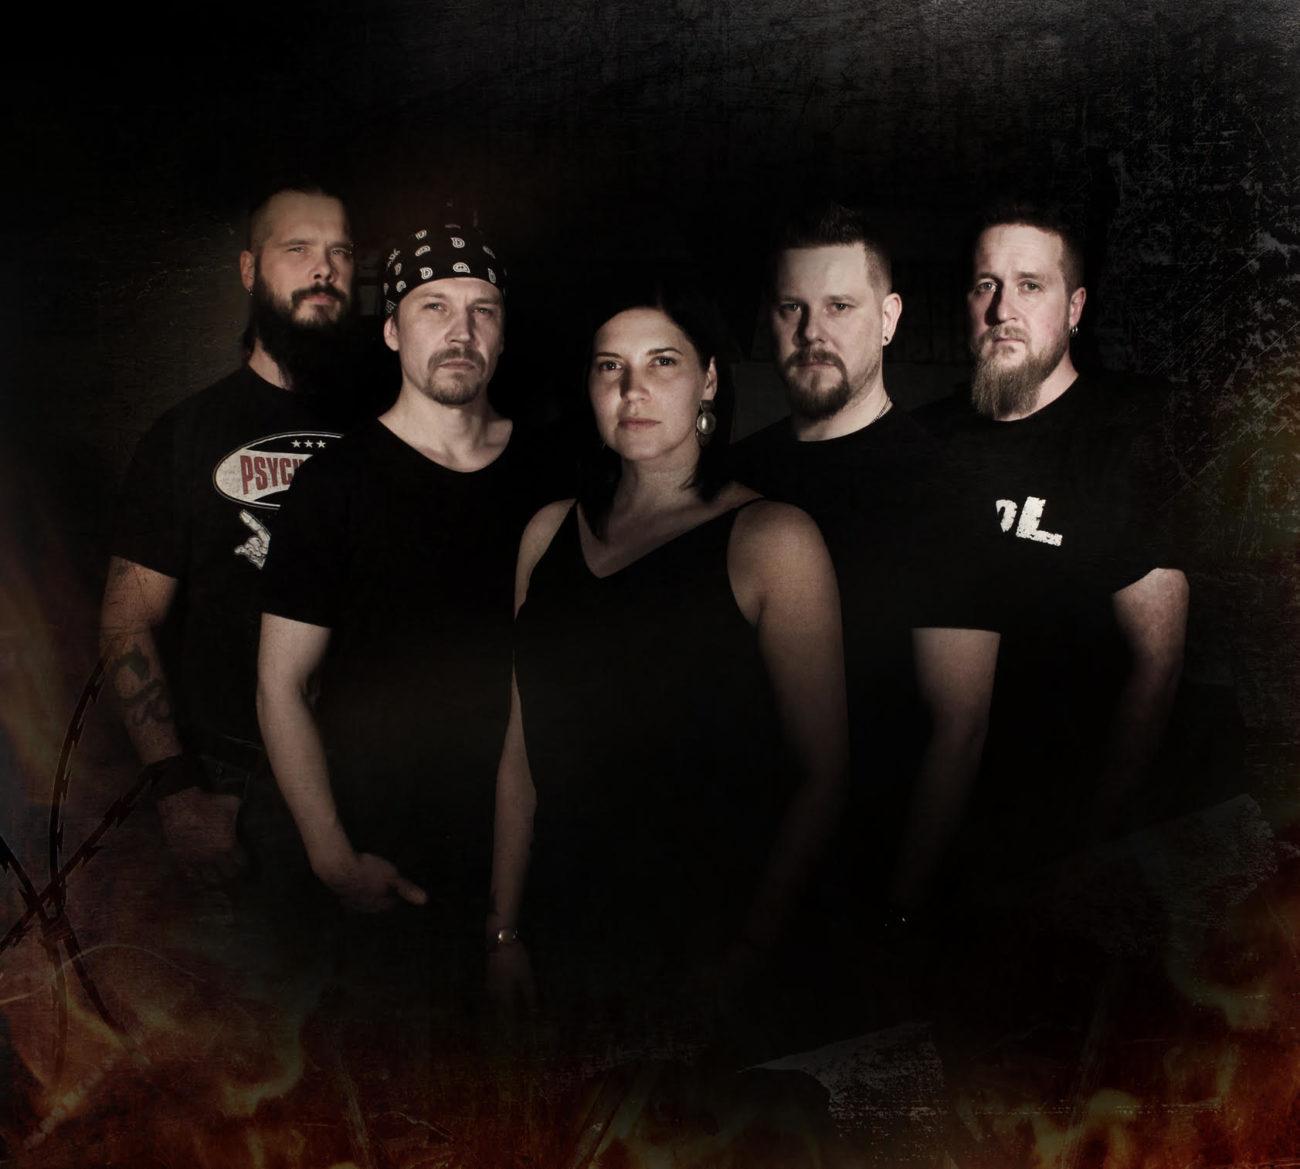 """Lost Division julkaisi uuden """"No God"""" -singlen ja musiikkivideon – debyyttialbumi kaupoissa 28.5."""